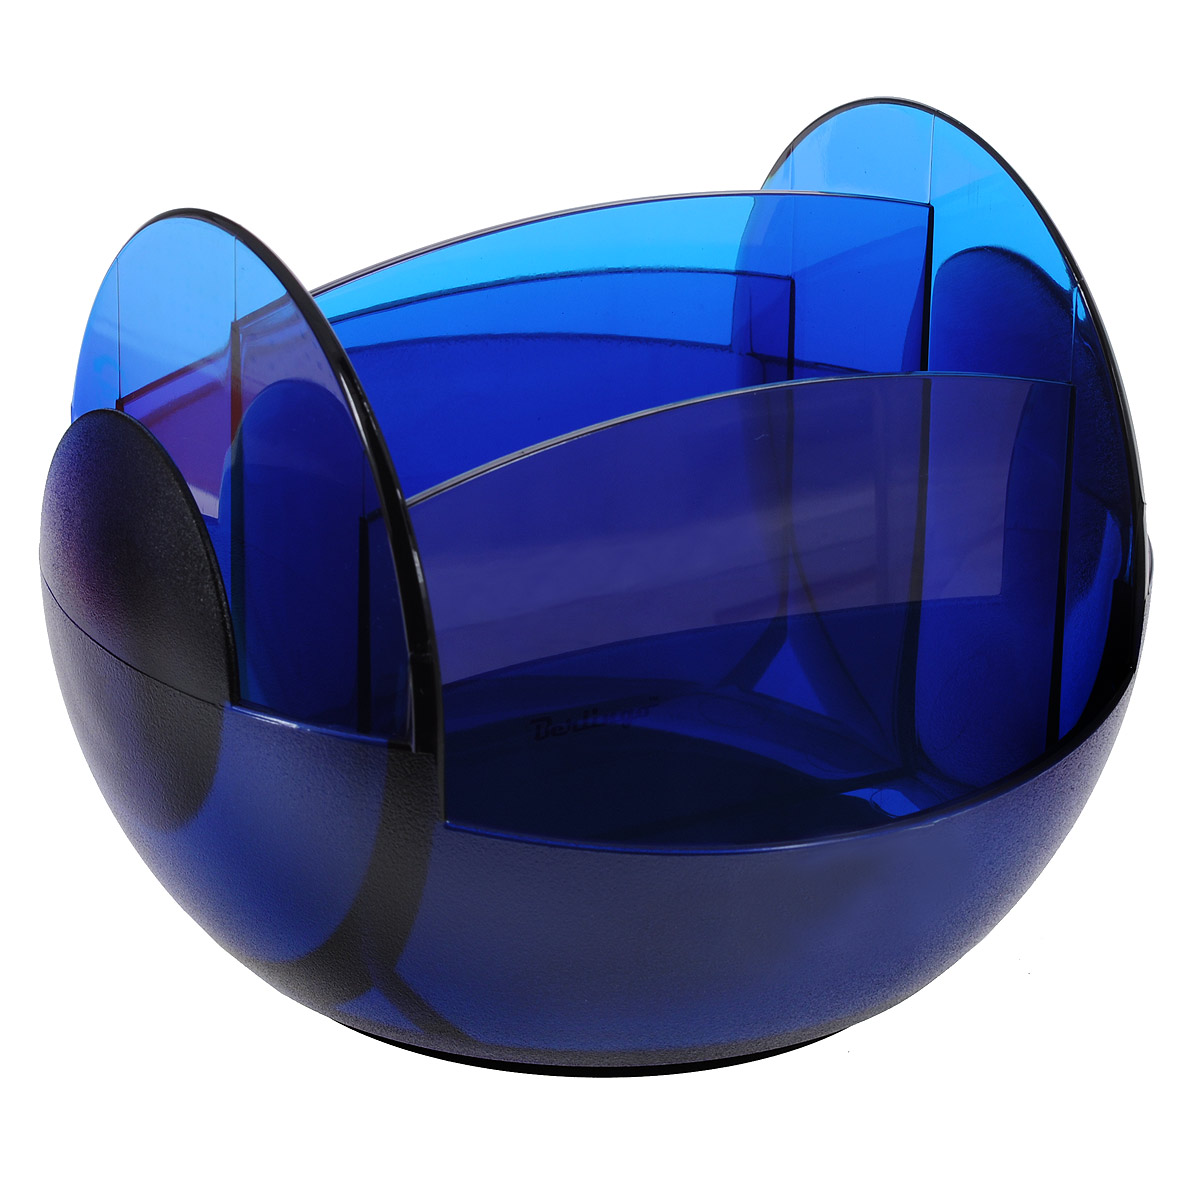 Настольная подставка вращающаяся Berlingo, цвет синийMOn00062Настольная подставка вращающаяся Berlingo незаменимый атрибут рабочего стола.Она выполнена из высококачественного пластика и содержит два отделения для пишущих принадлежностей и еще четыре отделения для различных других канцелярских приборов: линеек, ластиков, блоков для заметок. Подставка оснащена вращающимся механизмом на 360 градусов, благодаря которому вы сможете с легкостью взять нужный предмет.Такая настольная подставка призвана не только сохранить письменные принадлежности в порядке, но и разнообразить привычную обстановку рабочего стола.